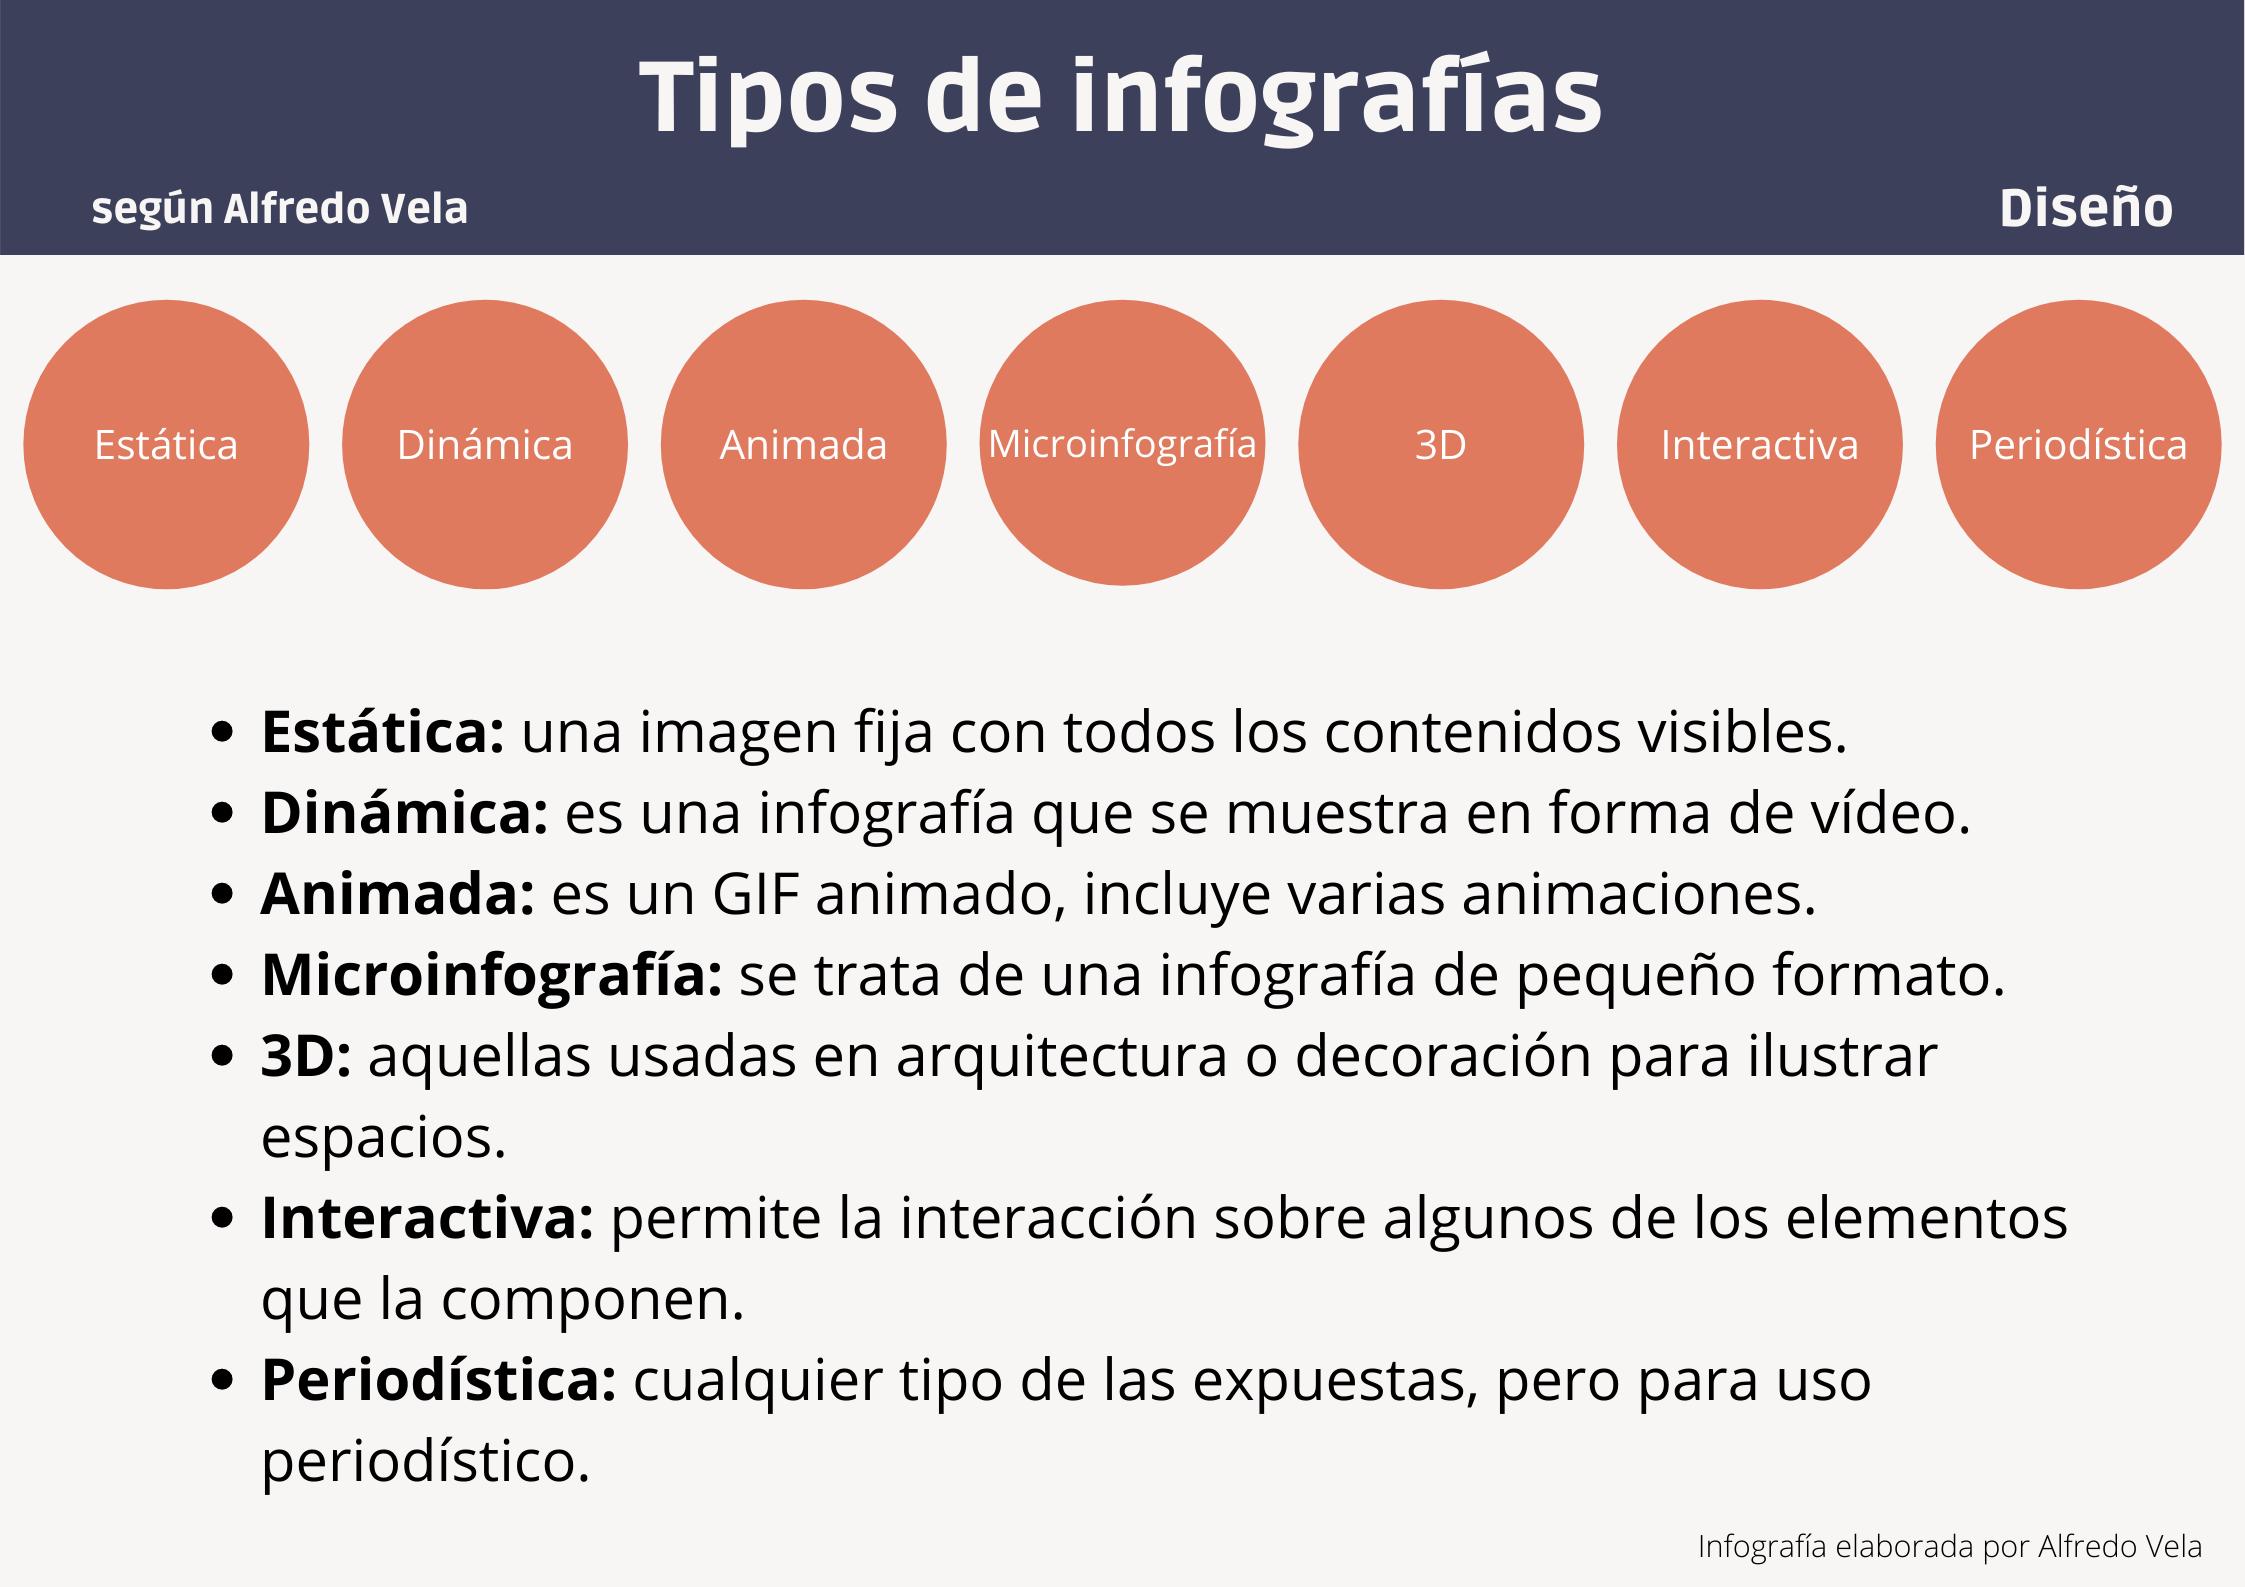 Tipos de Infografías #infografia #infographic #design